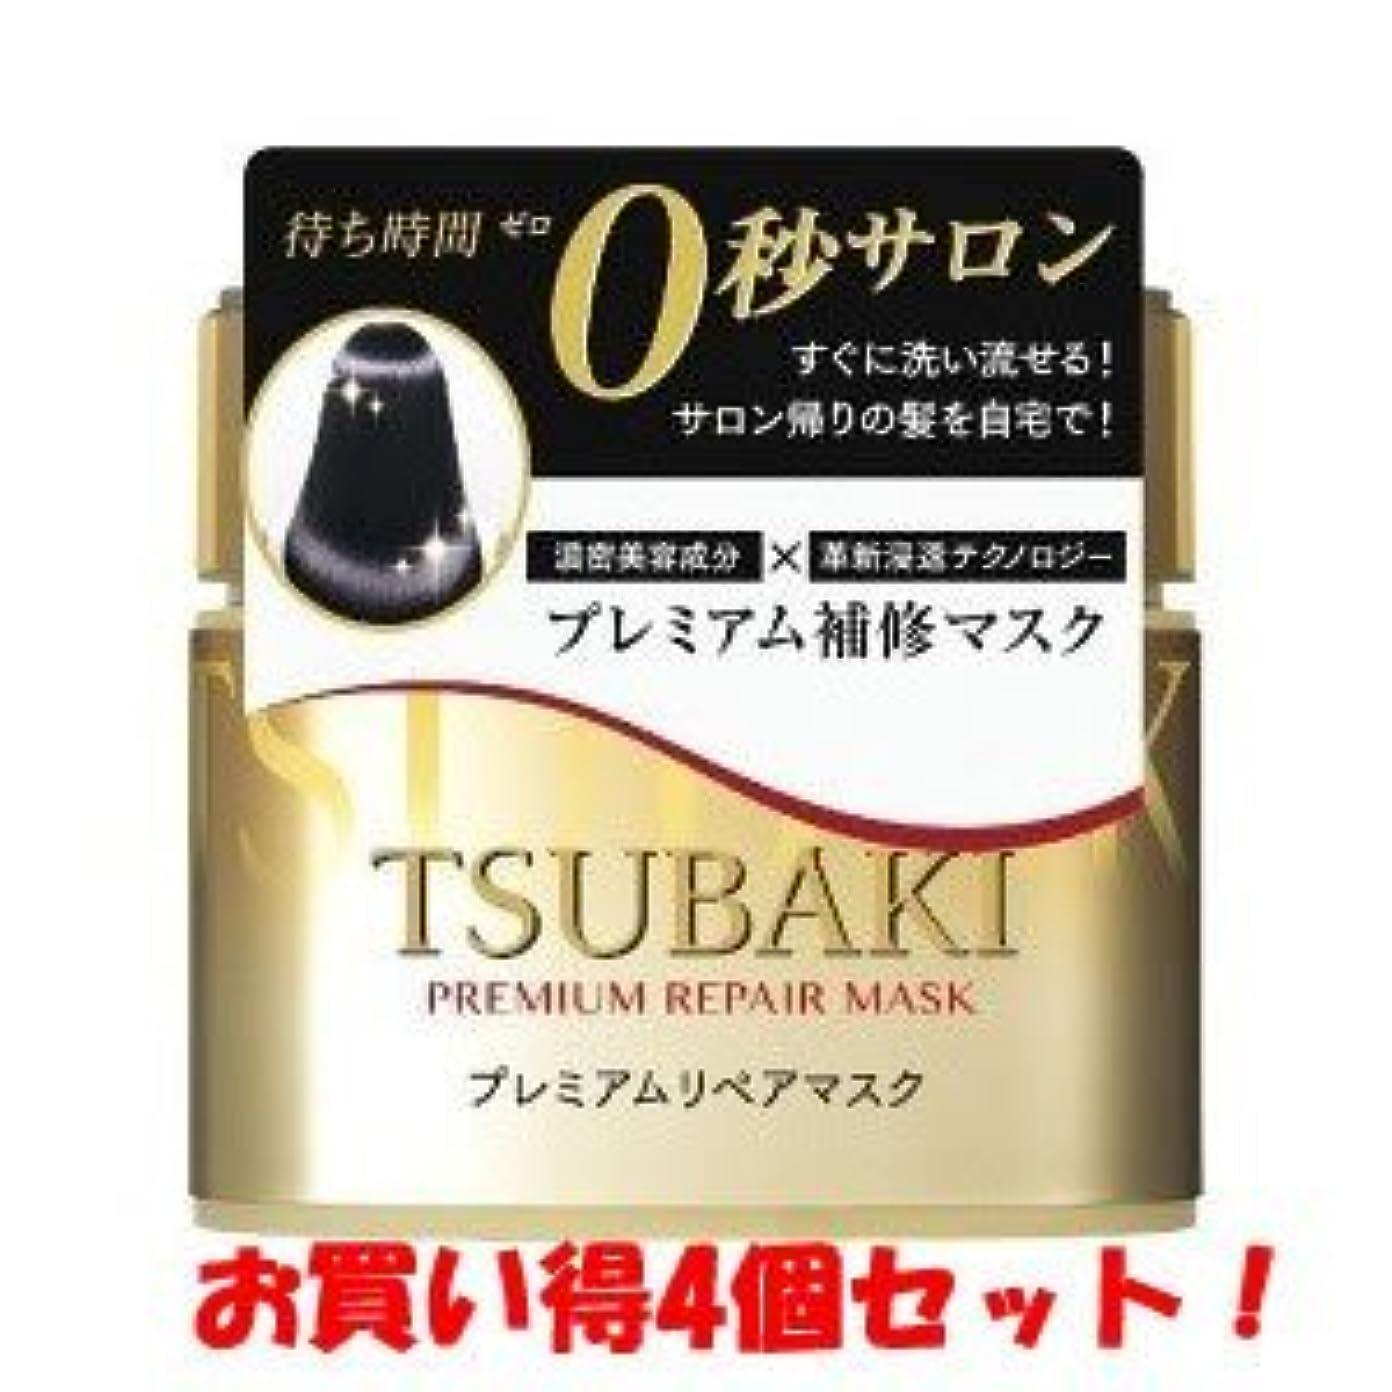 無人区別動く(2017年の新商品)(資生堂)ツバキ(TSUBAKI) プレミアムリペアマスク 180g(お買い得4個セット)